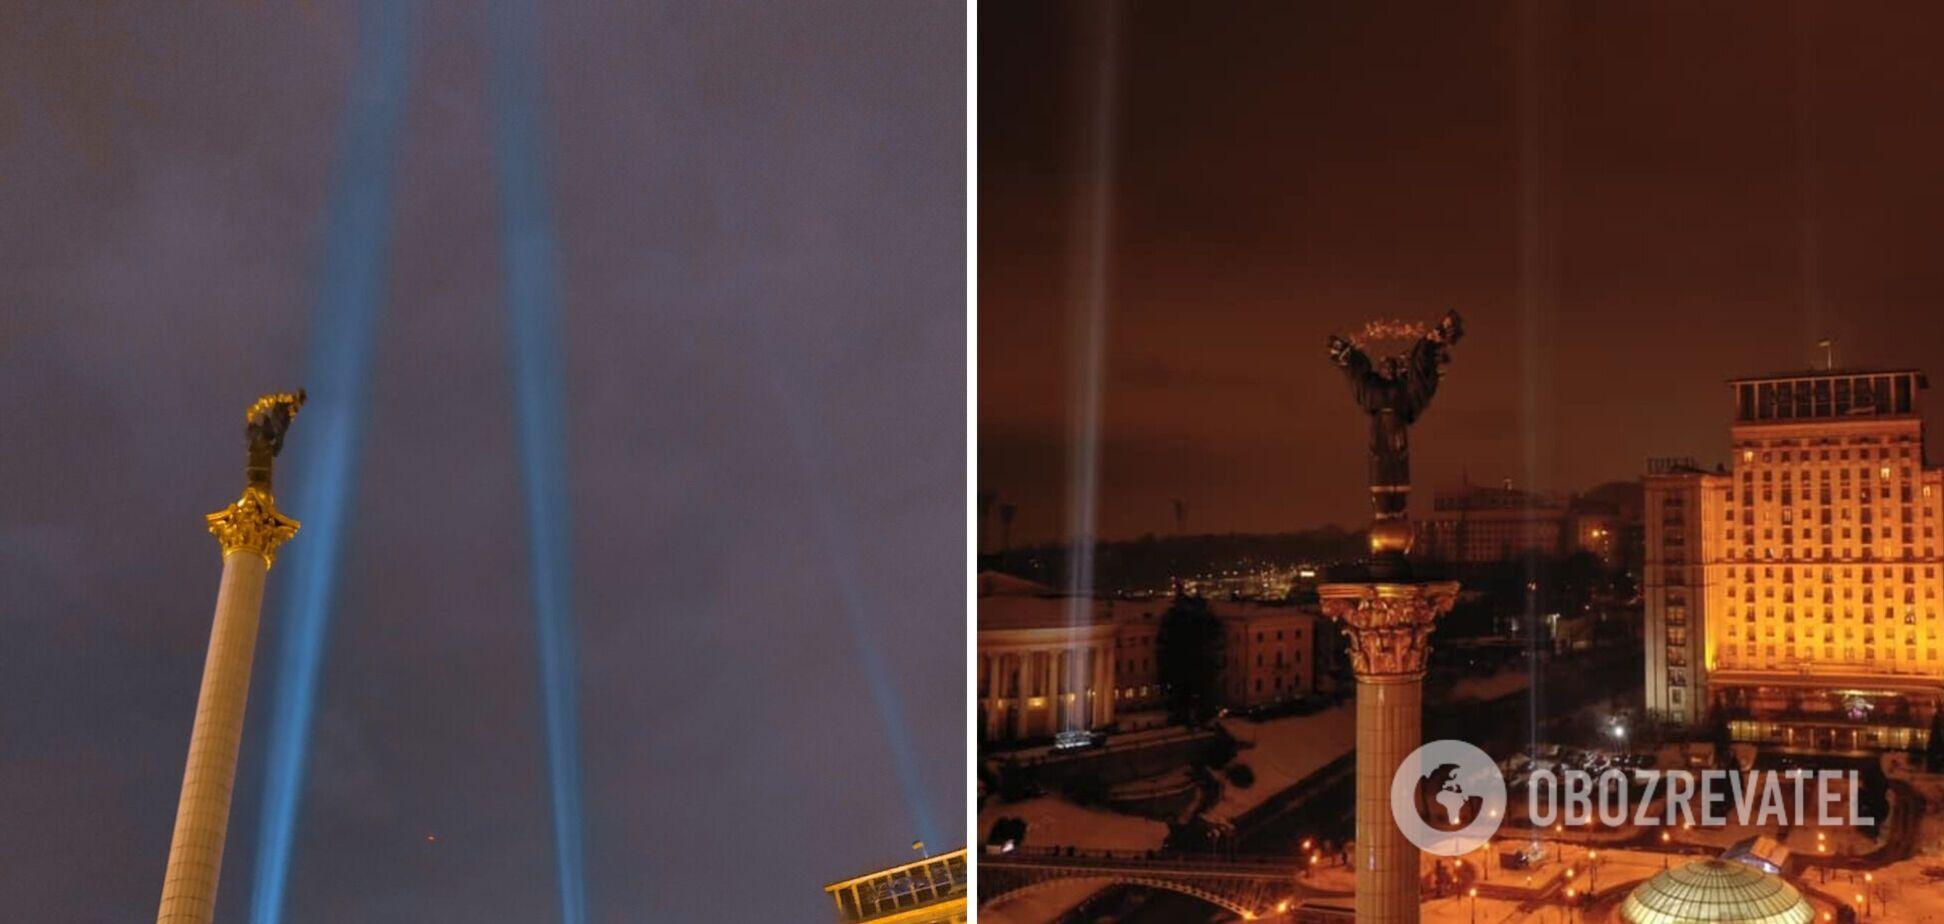 В Киеве зажгли Лучи достоинства в память о Небесной сотне. Фото и видео